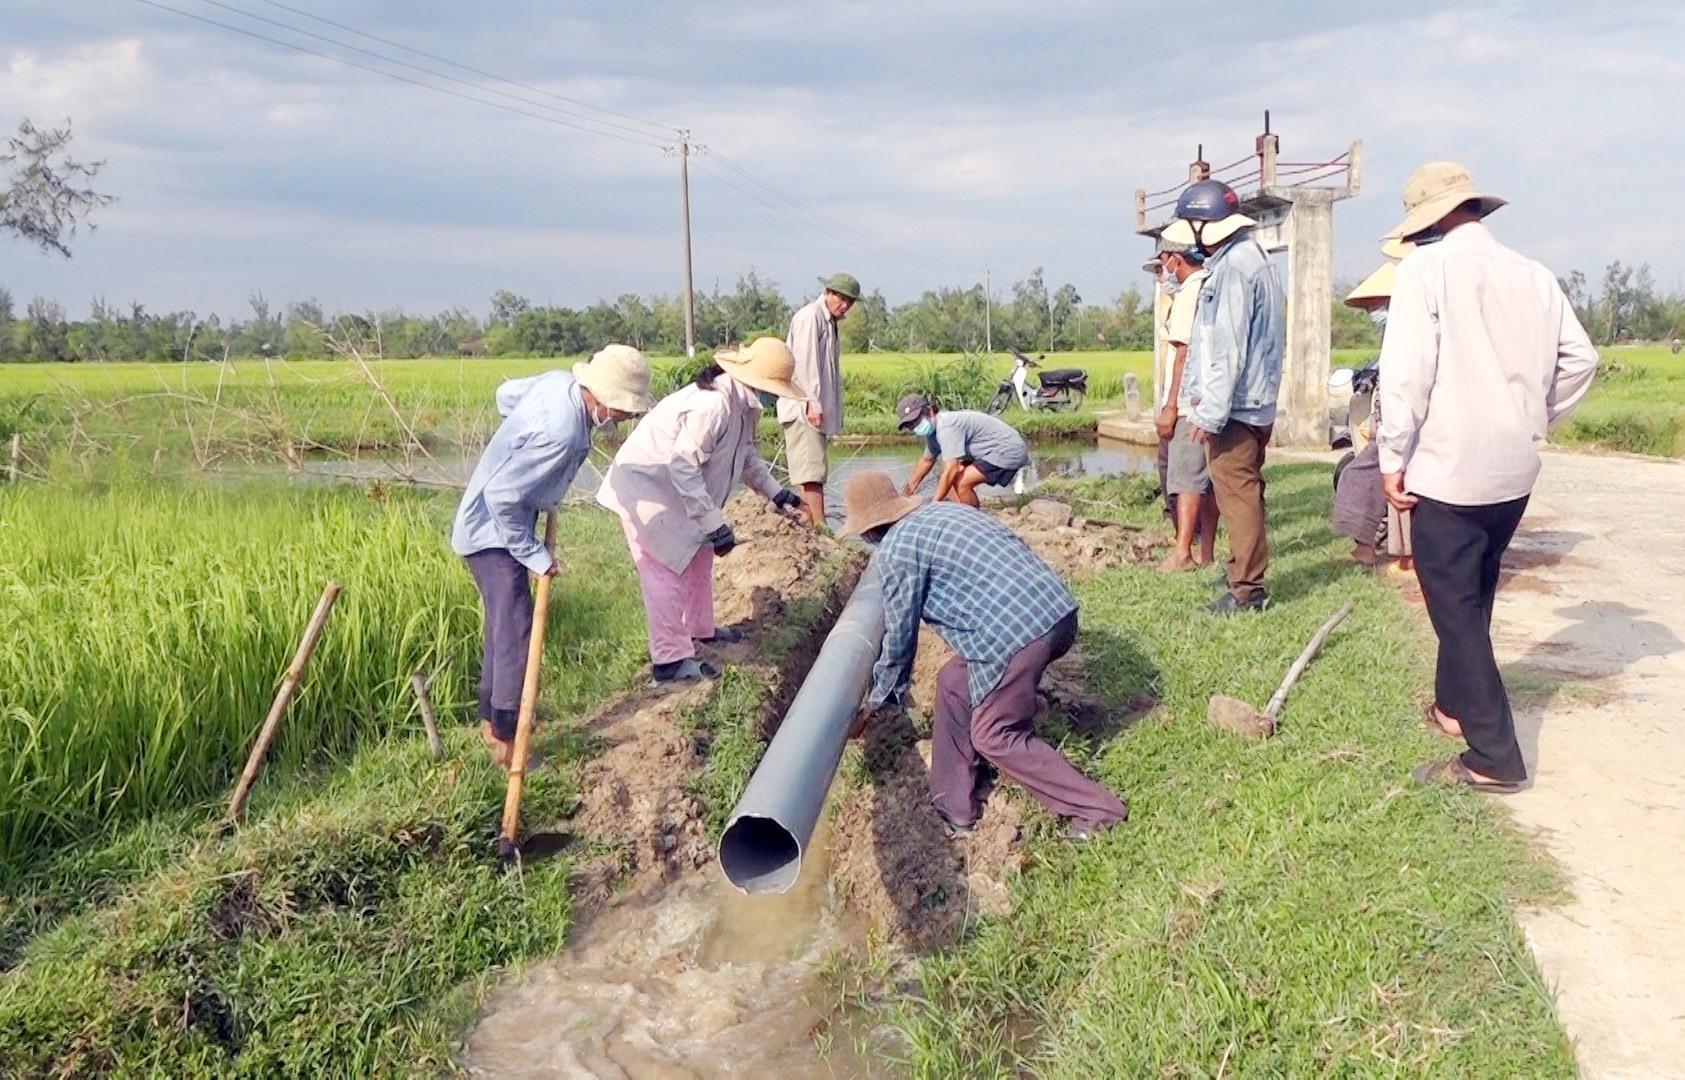 Lắp đặt ống nhựa tại đập Suối Mới dẫn nước về chống hạn cho gần 10 lúa ở tổ 19, thôn Phước Cẩm. Ảnh: M.T